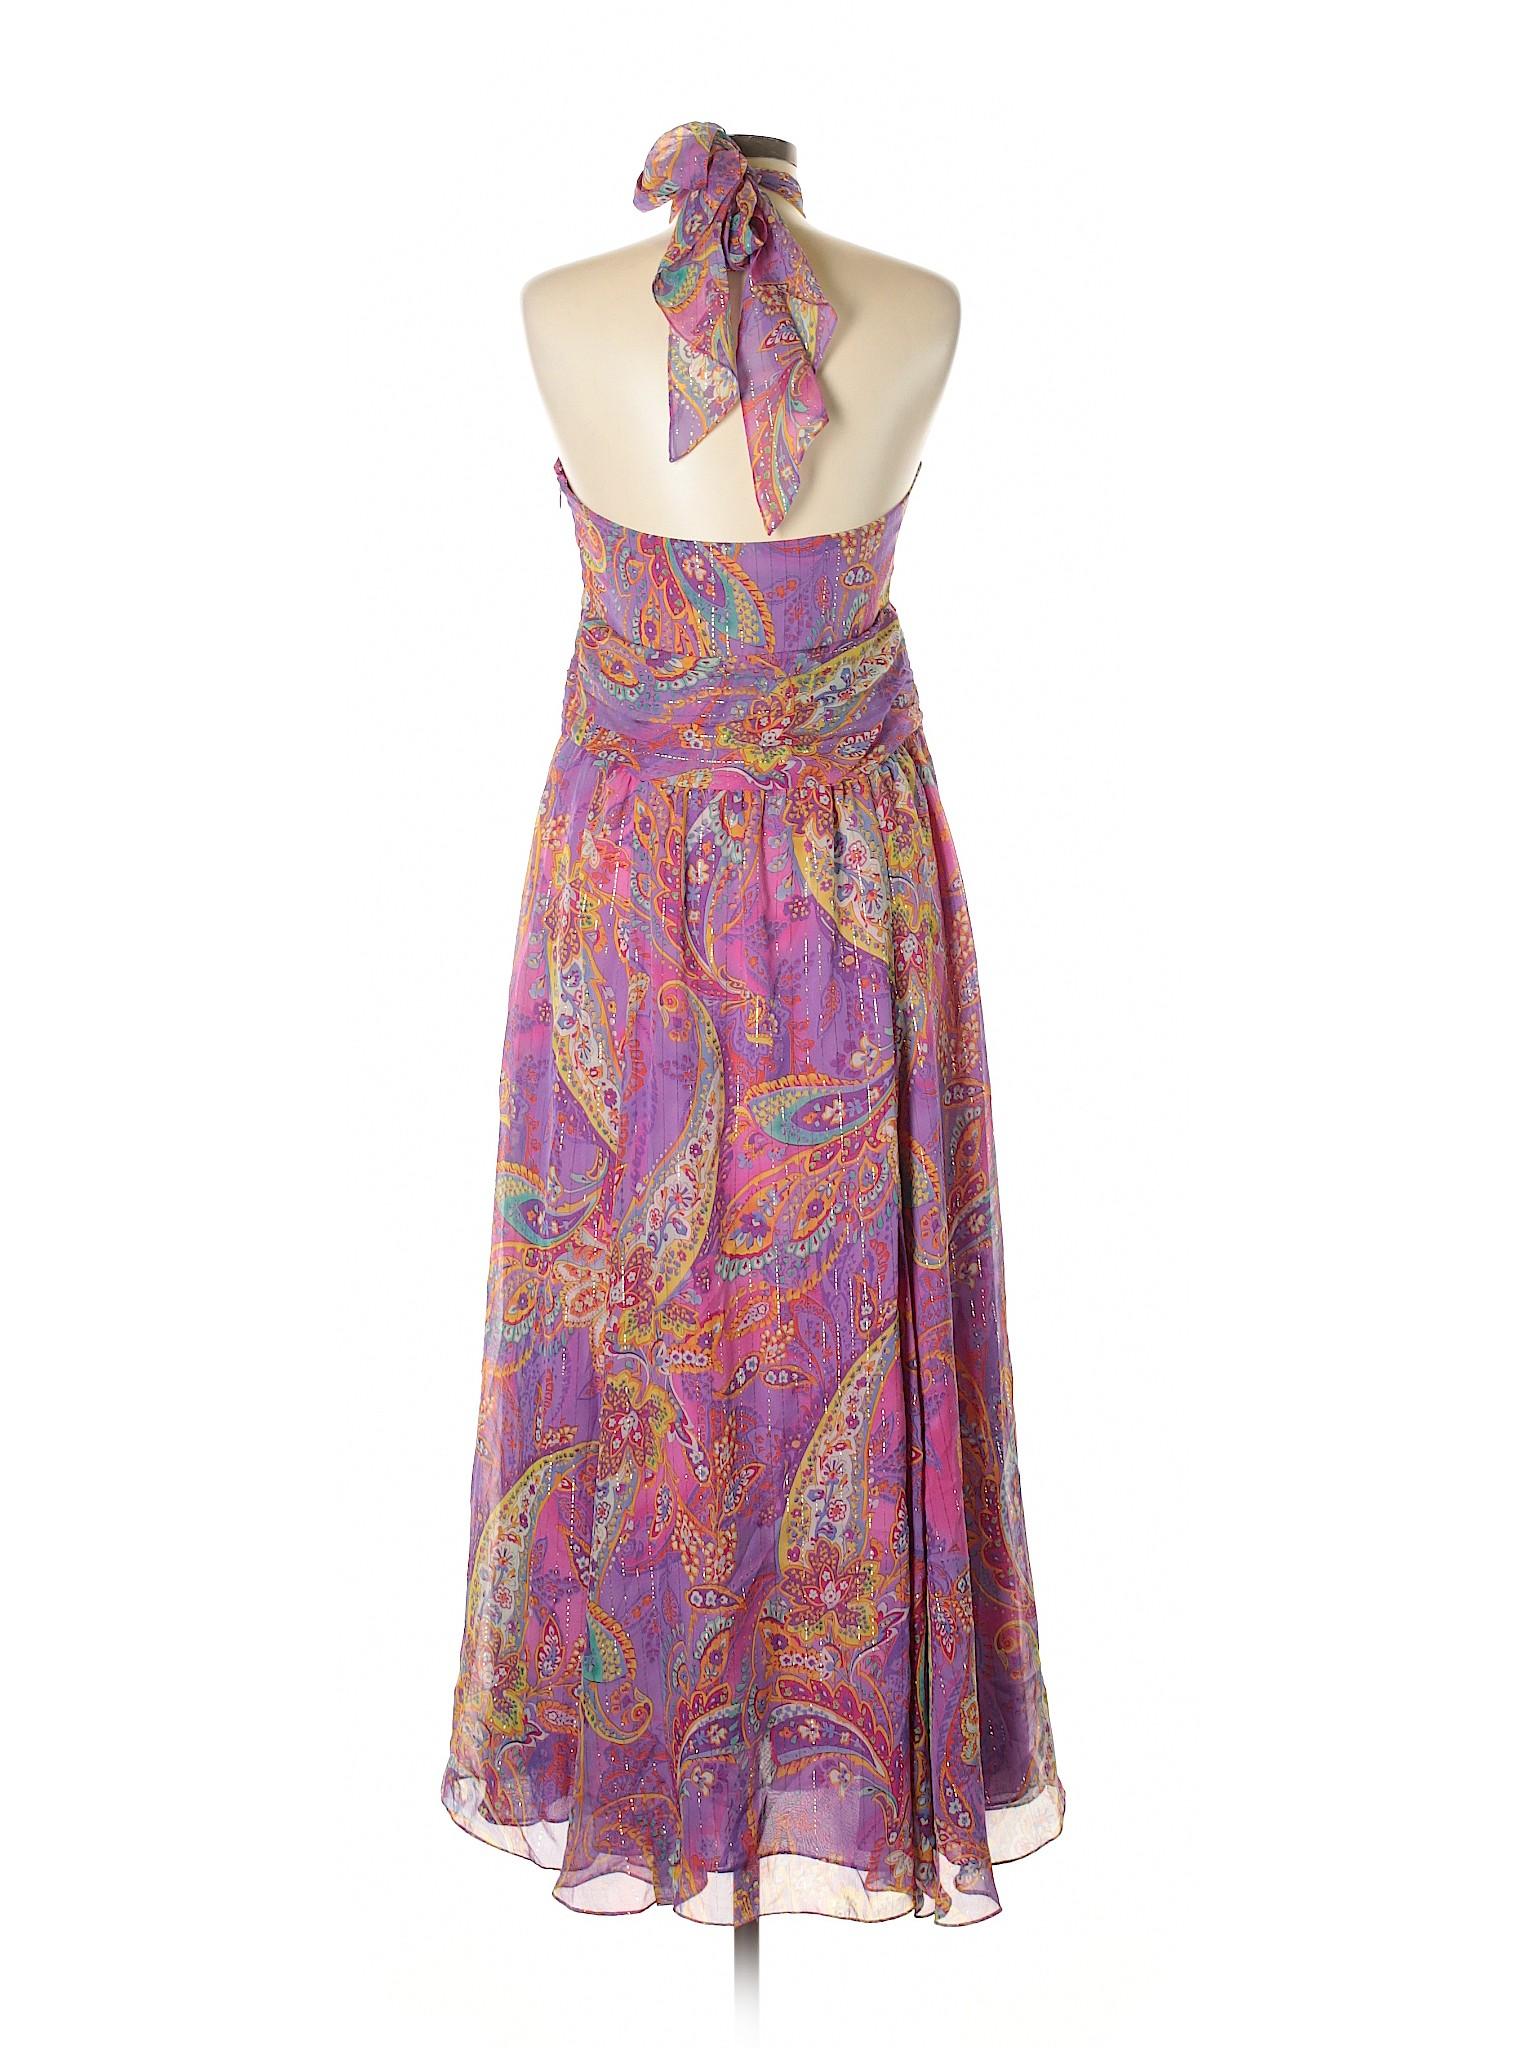 Ralph By Lauren Dress Boutique Winter Casual 8HgnnOU